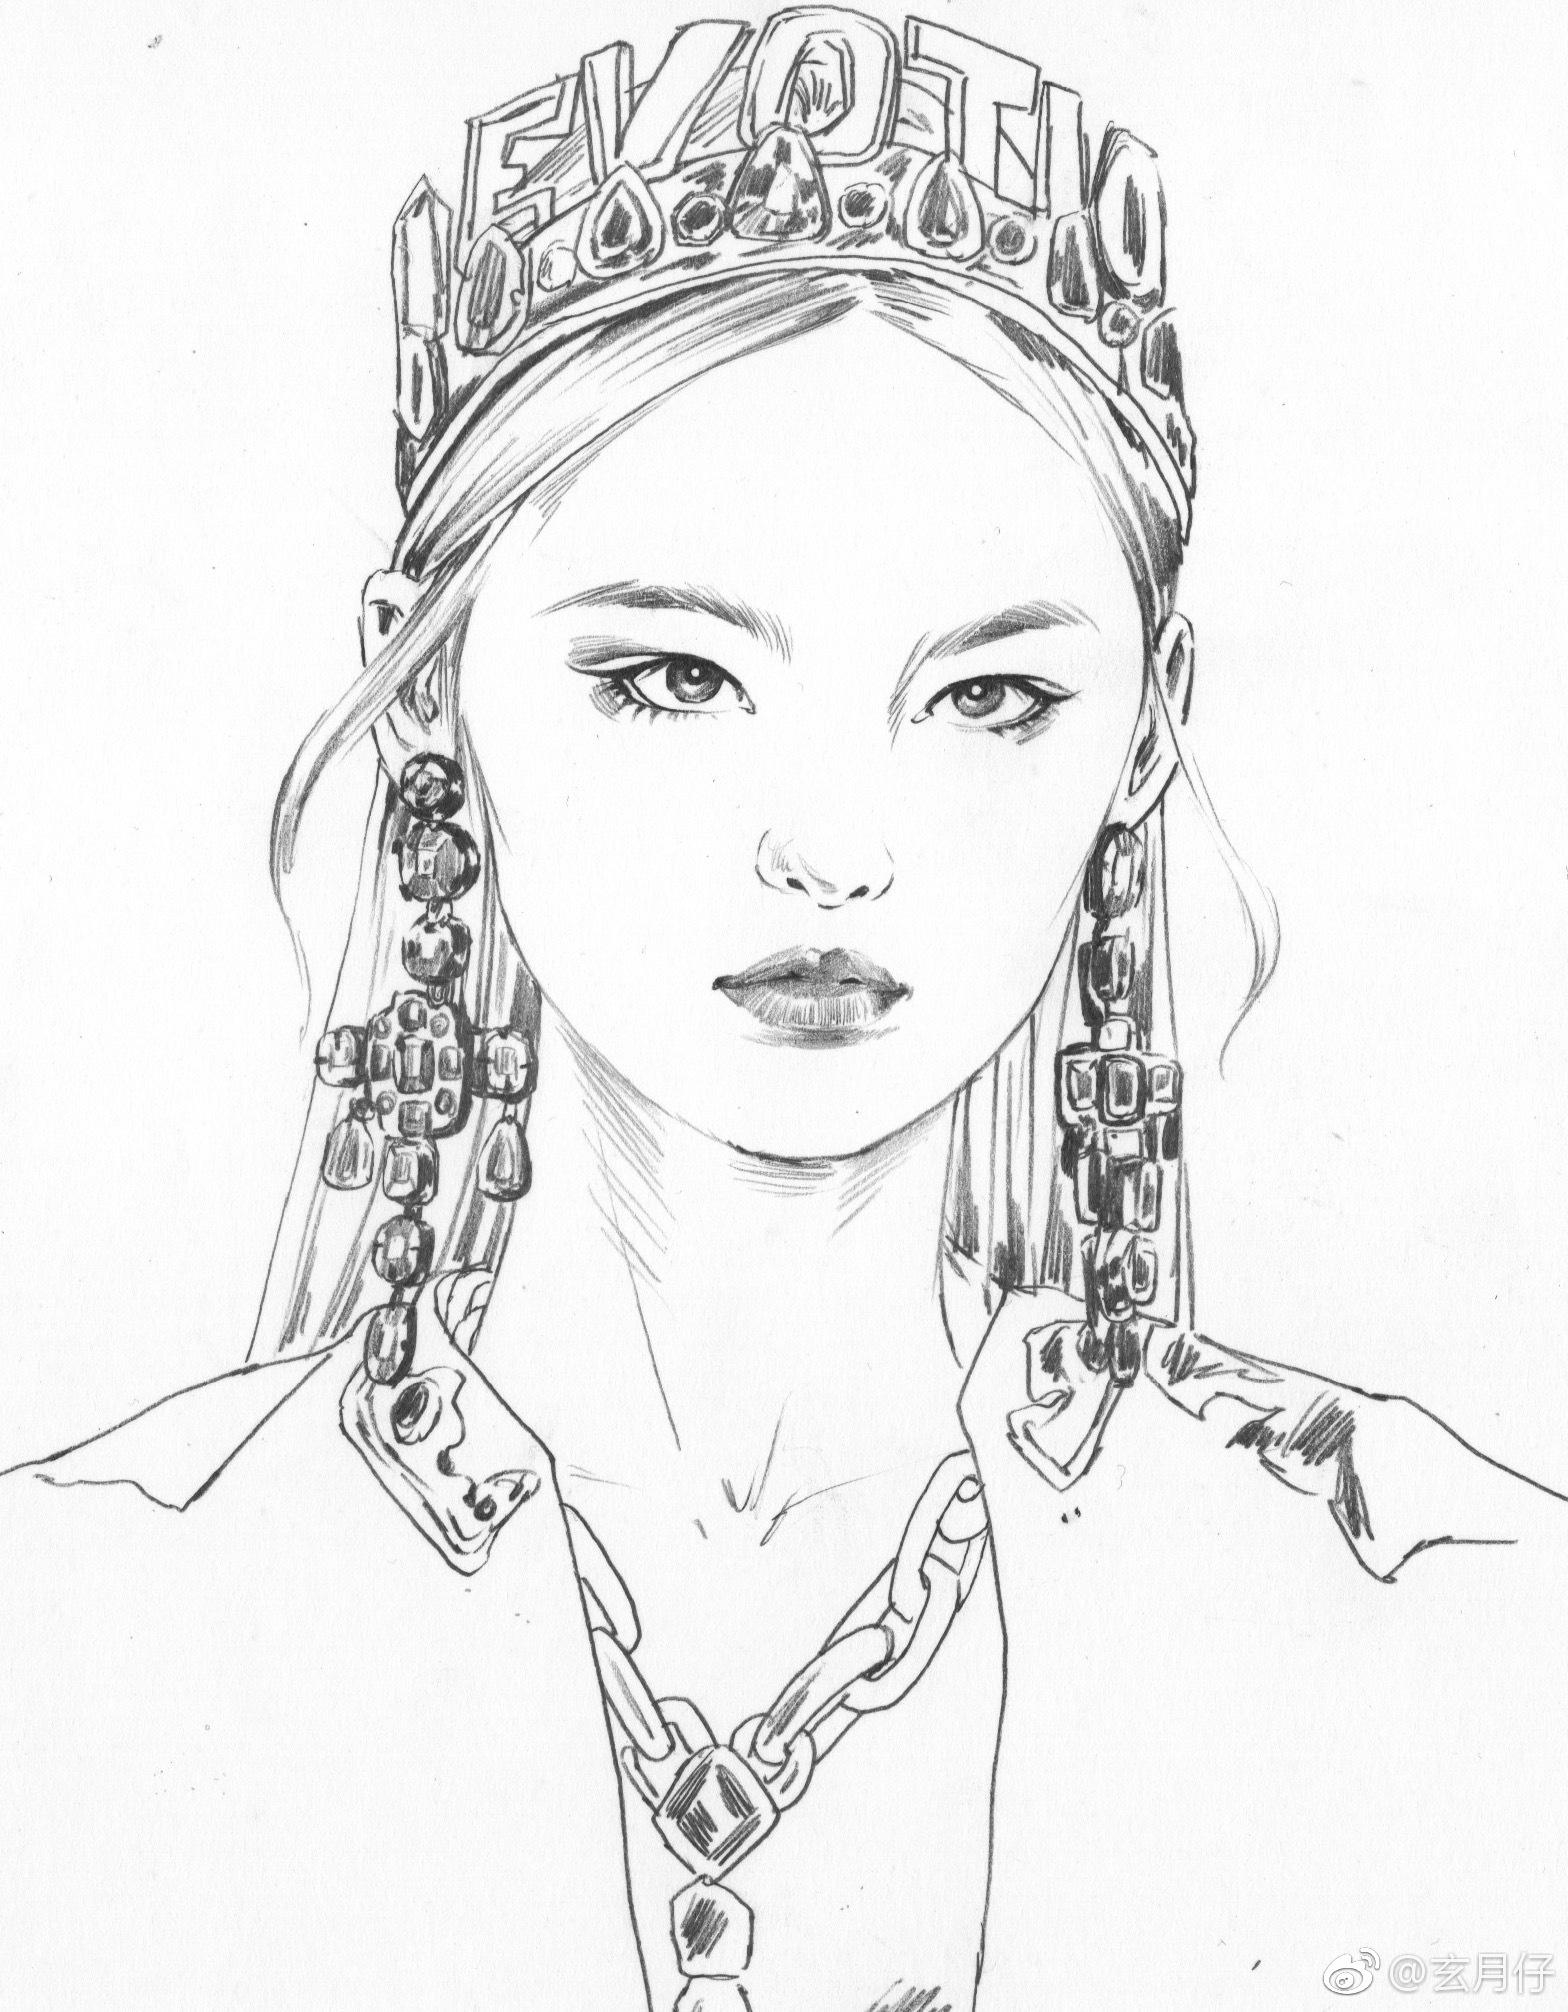 头�_dolce&gabbana秀场头部速写投稿